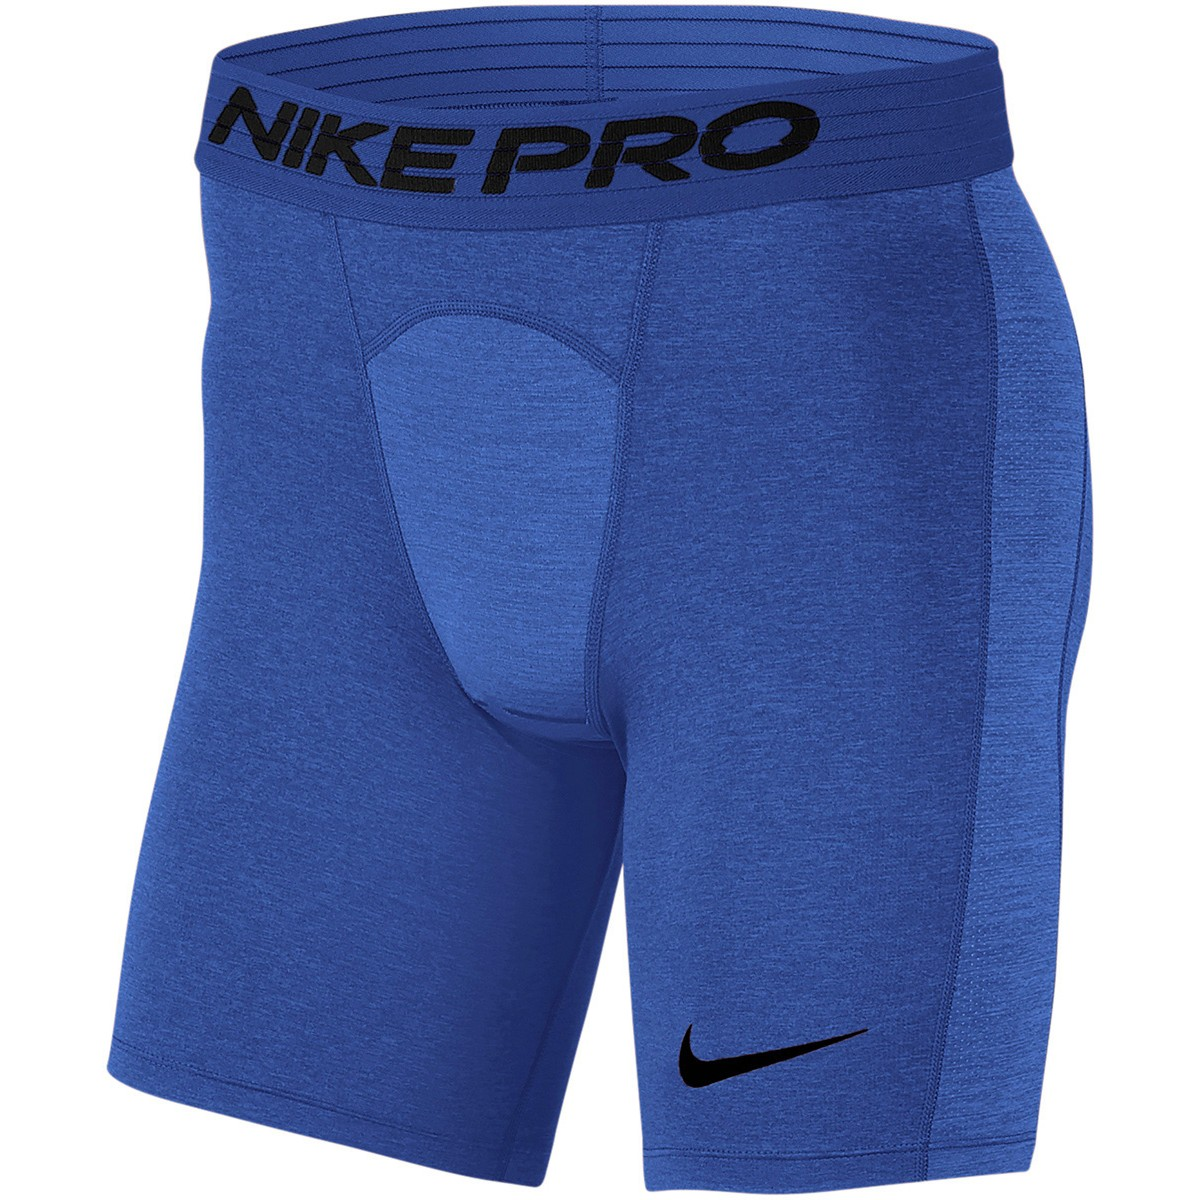 Short Nike Pro Bleu